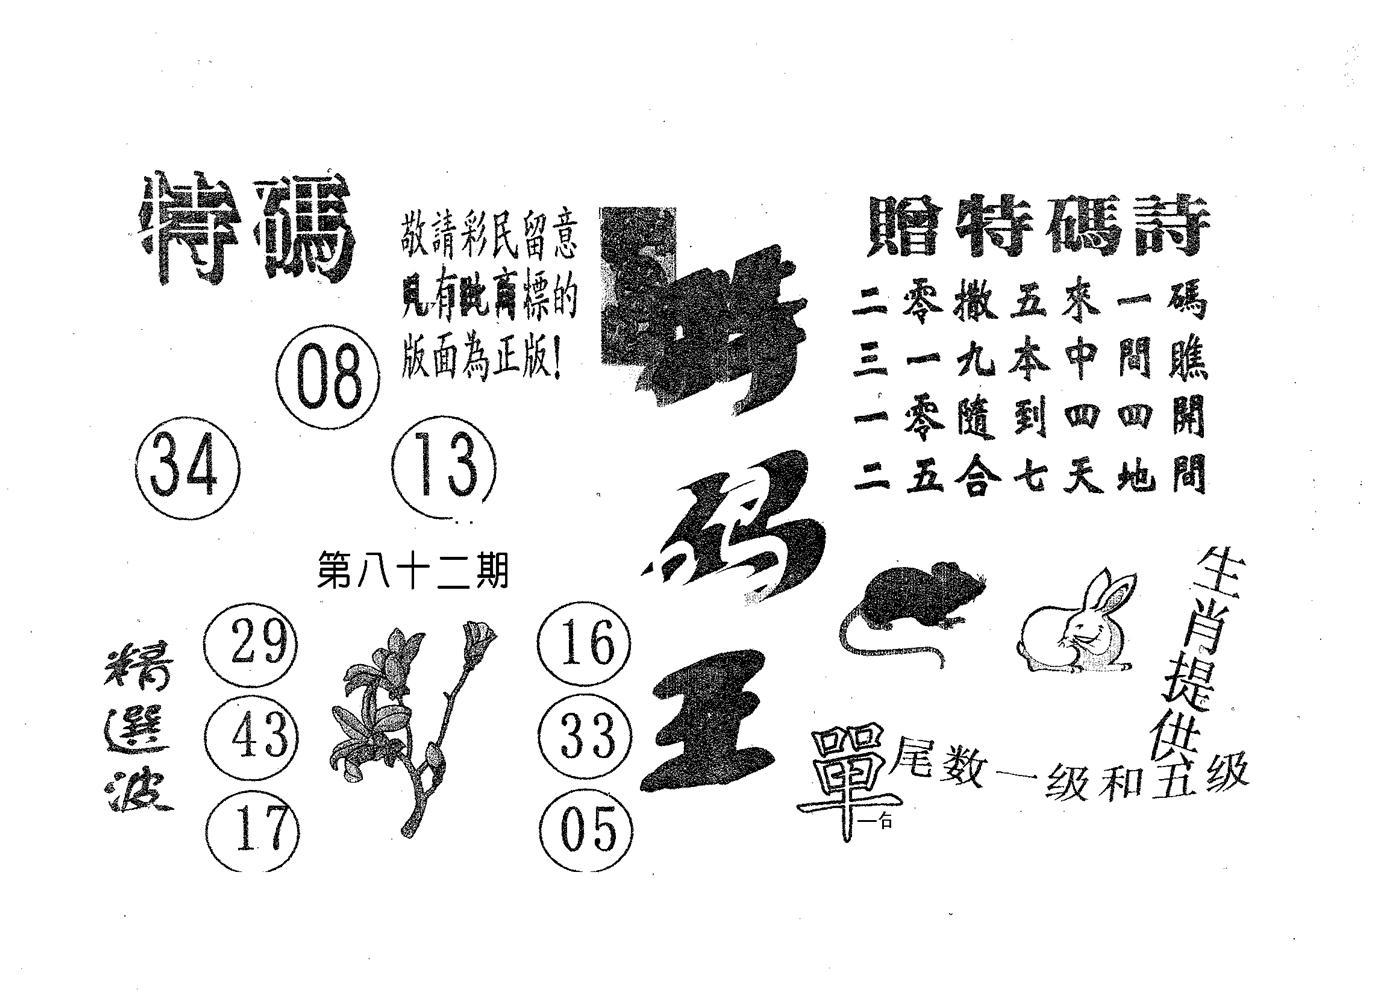 082期特码王A(黑白)